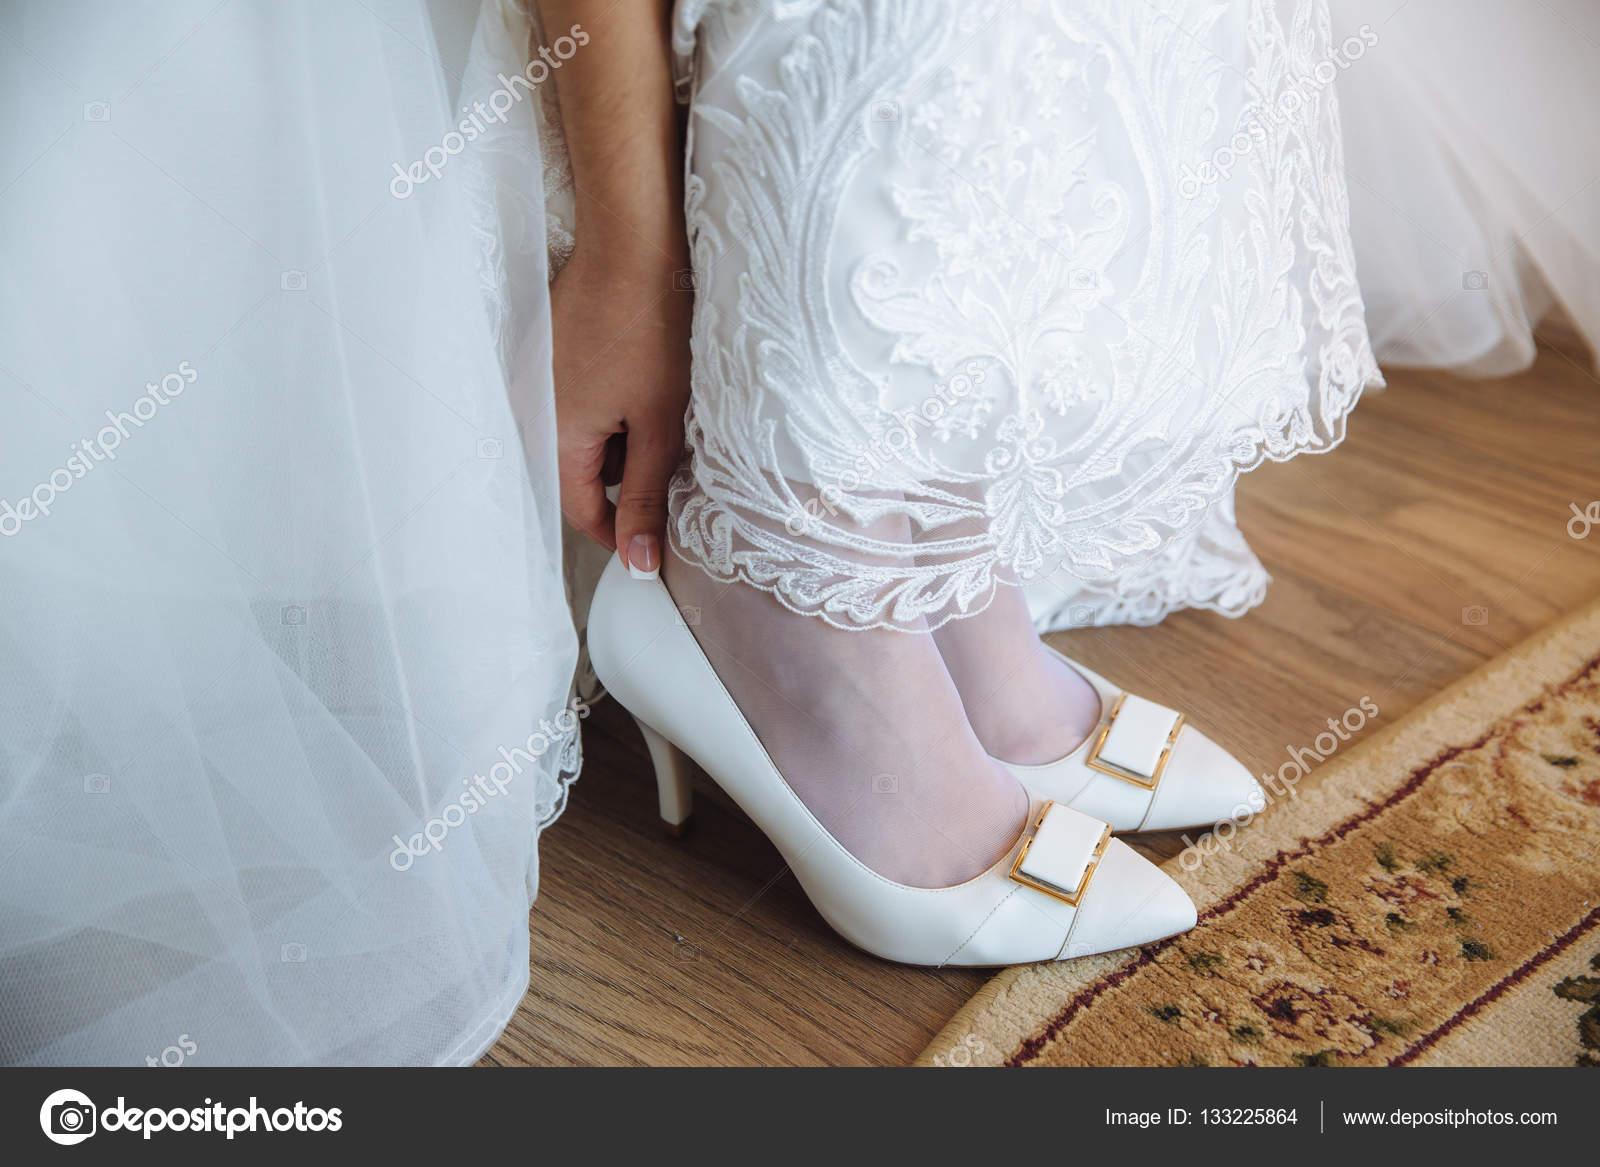 53fd68f4325f Η νύφη φοράει λευκά παπούτσια με τα πόδια στην ημέρα του γάμου — Εικόνα από  ...